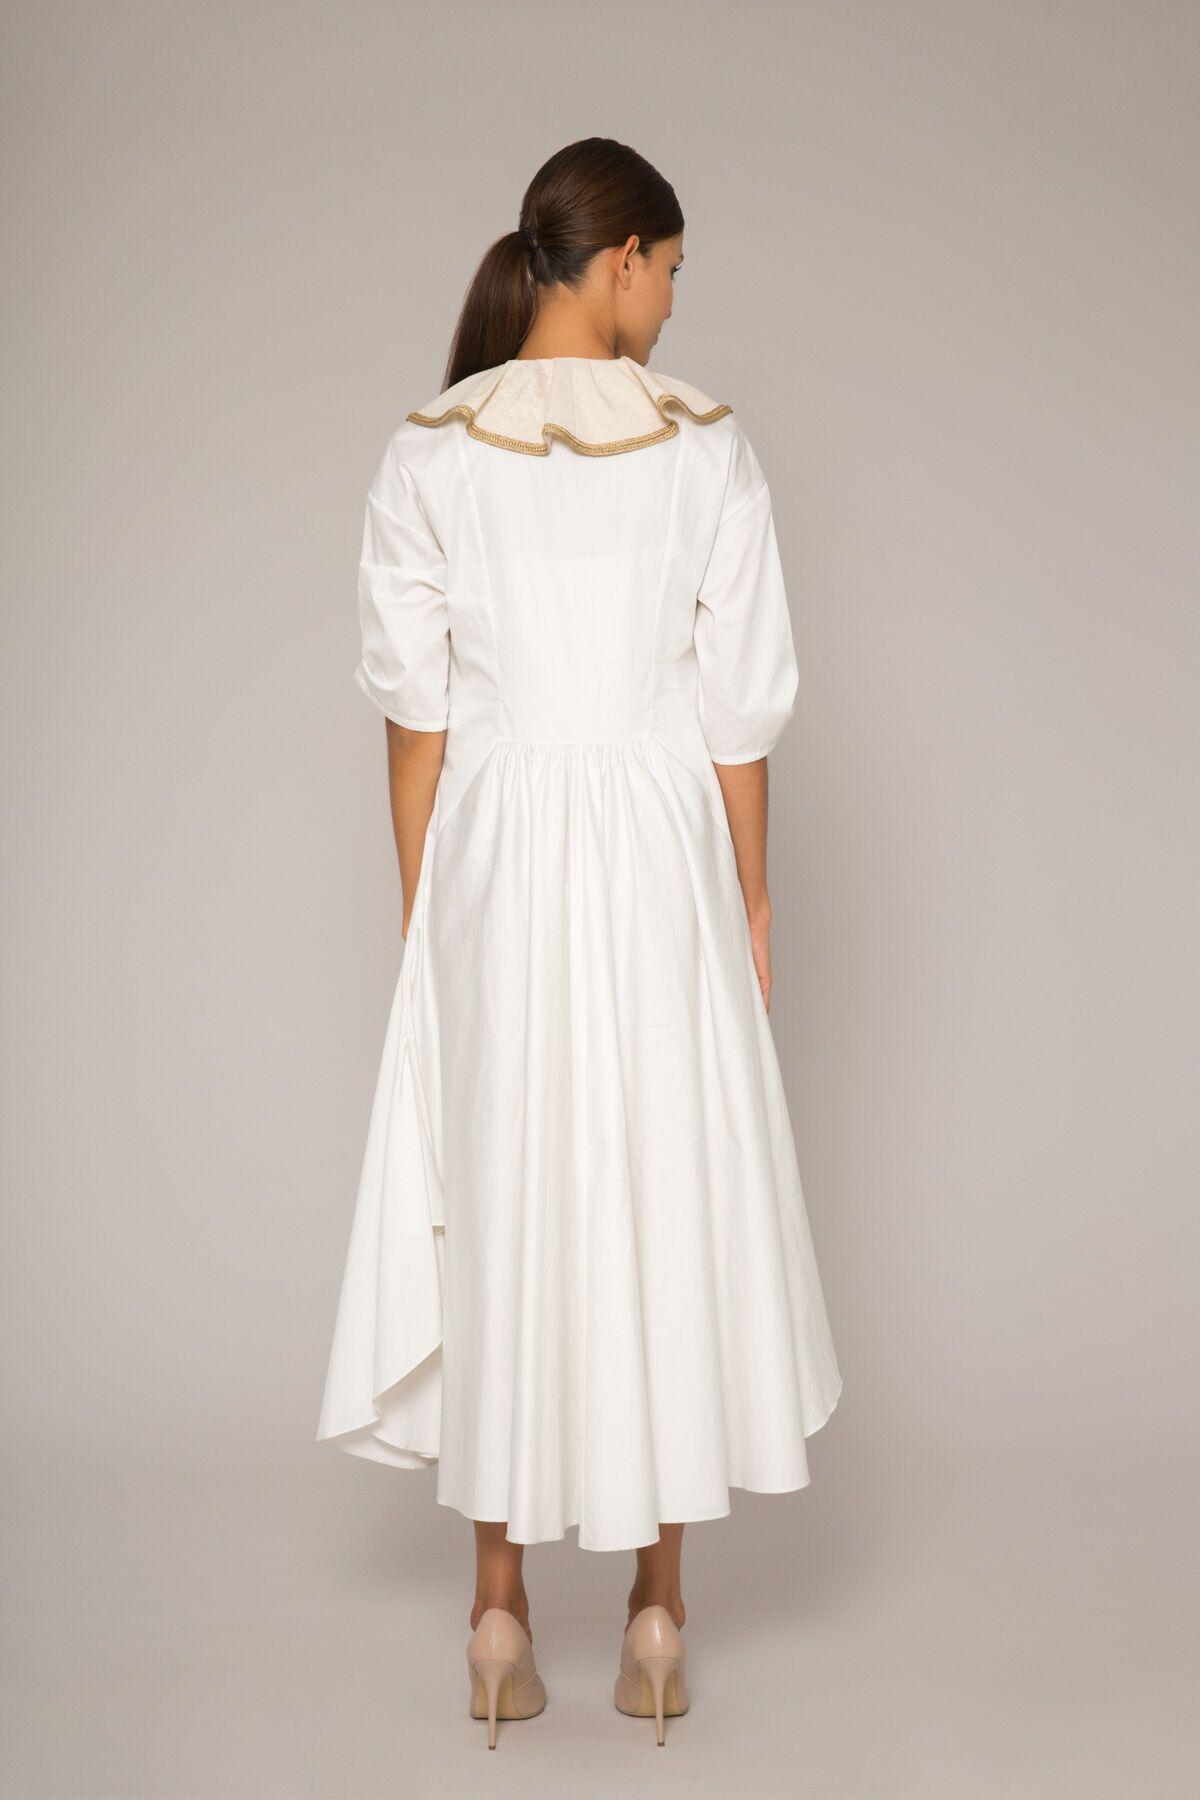 Keten Hareketli Yaka Detaylı, Poplin Elbise